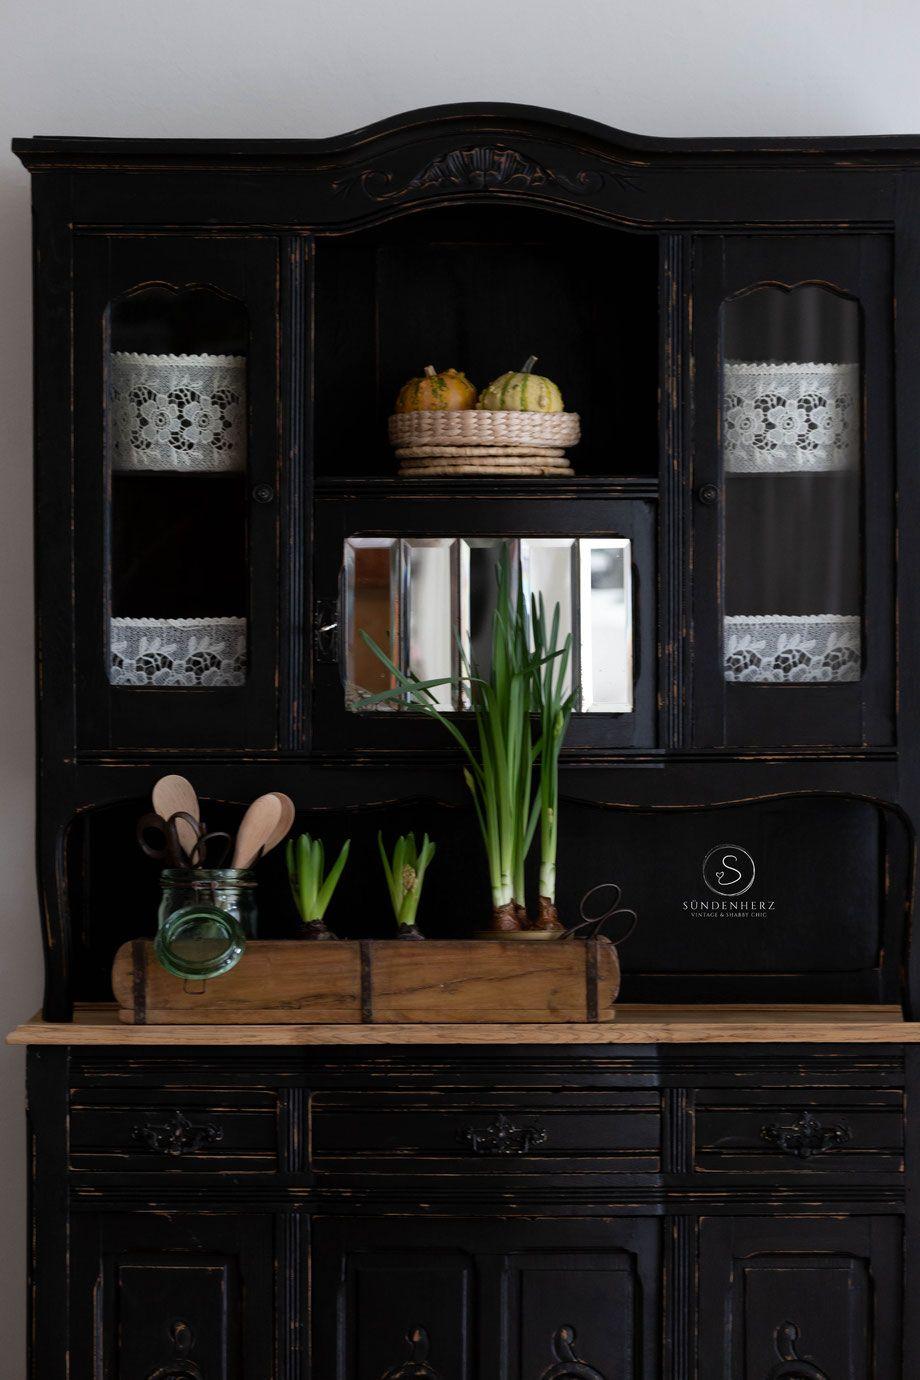 Uralter Grunderzeit Schrank Vintage Buffet Cabin Decor Decor Home